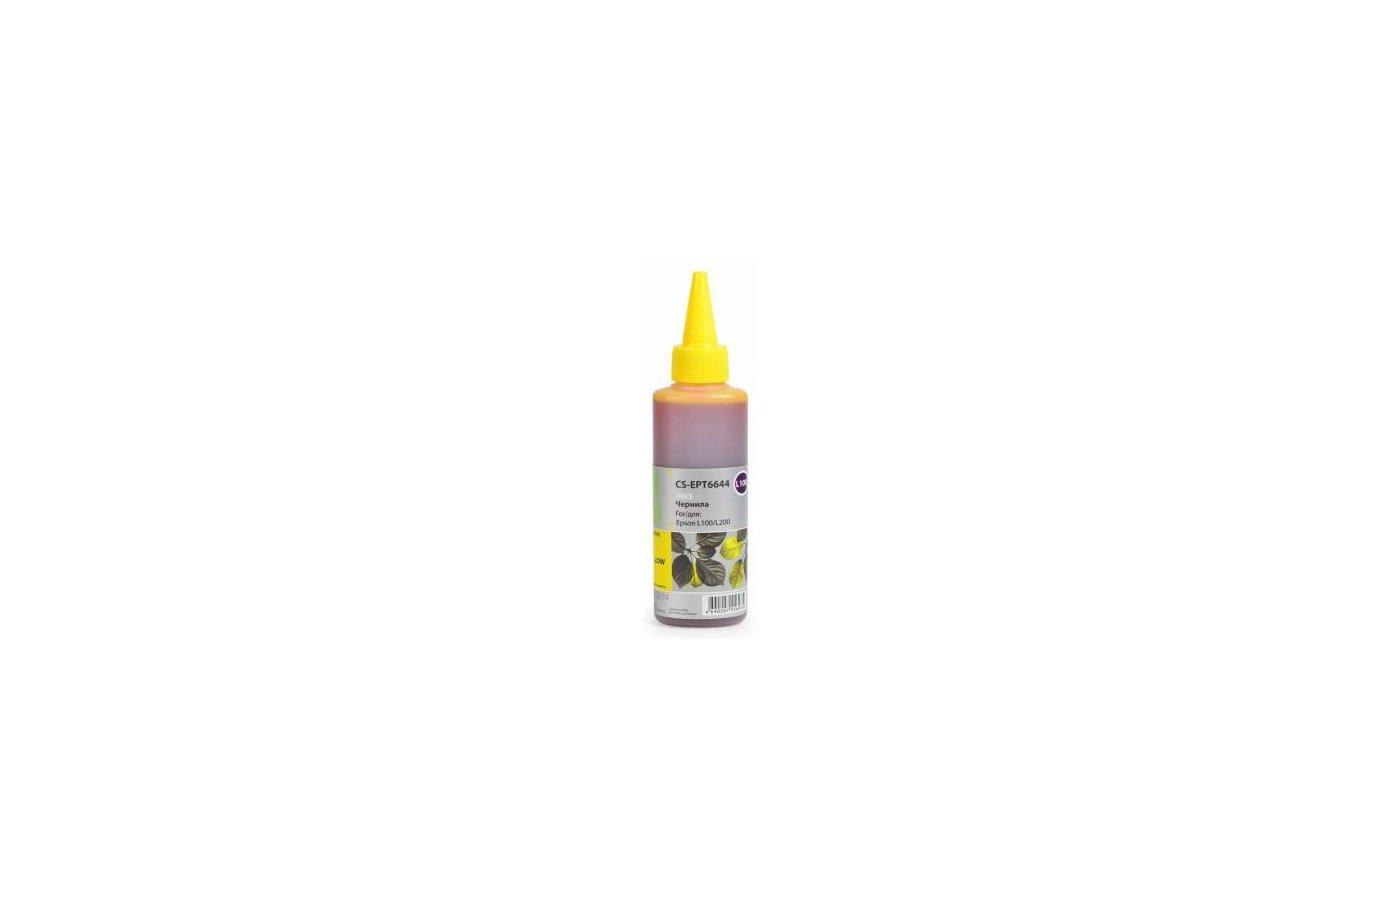 Картридж струйный Cactus CS-EPT6644 Чернила совместимые желтый (100мл) Epson L100